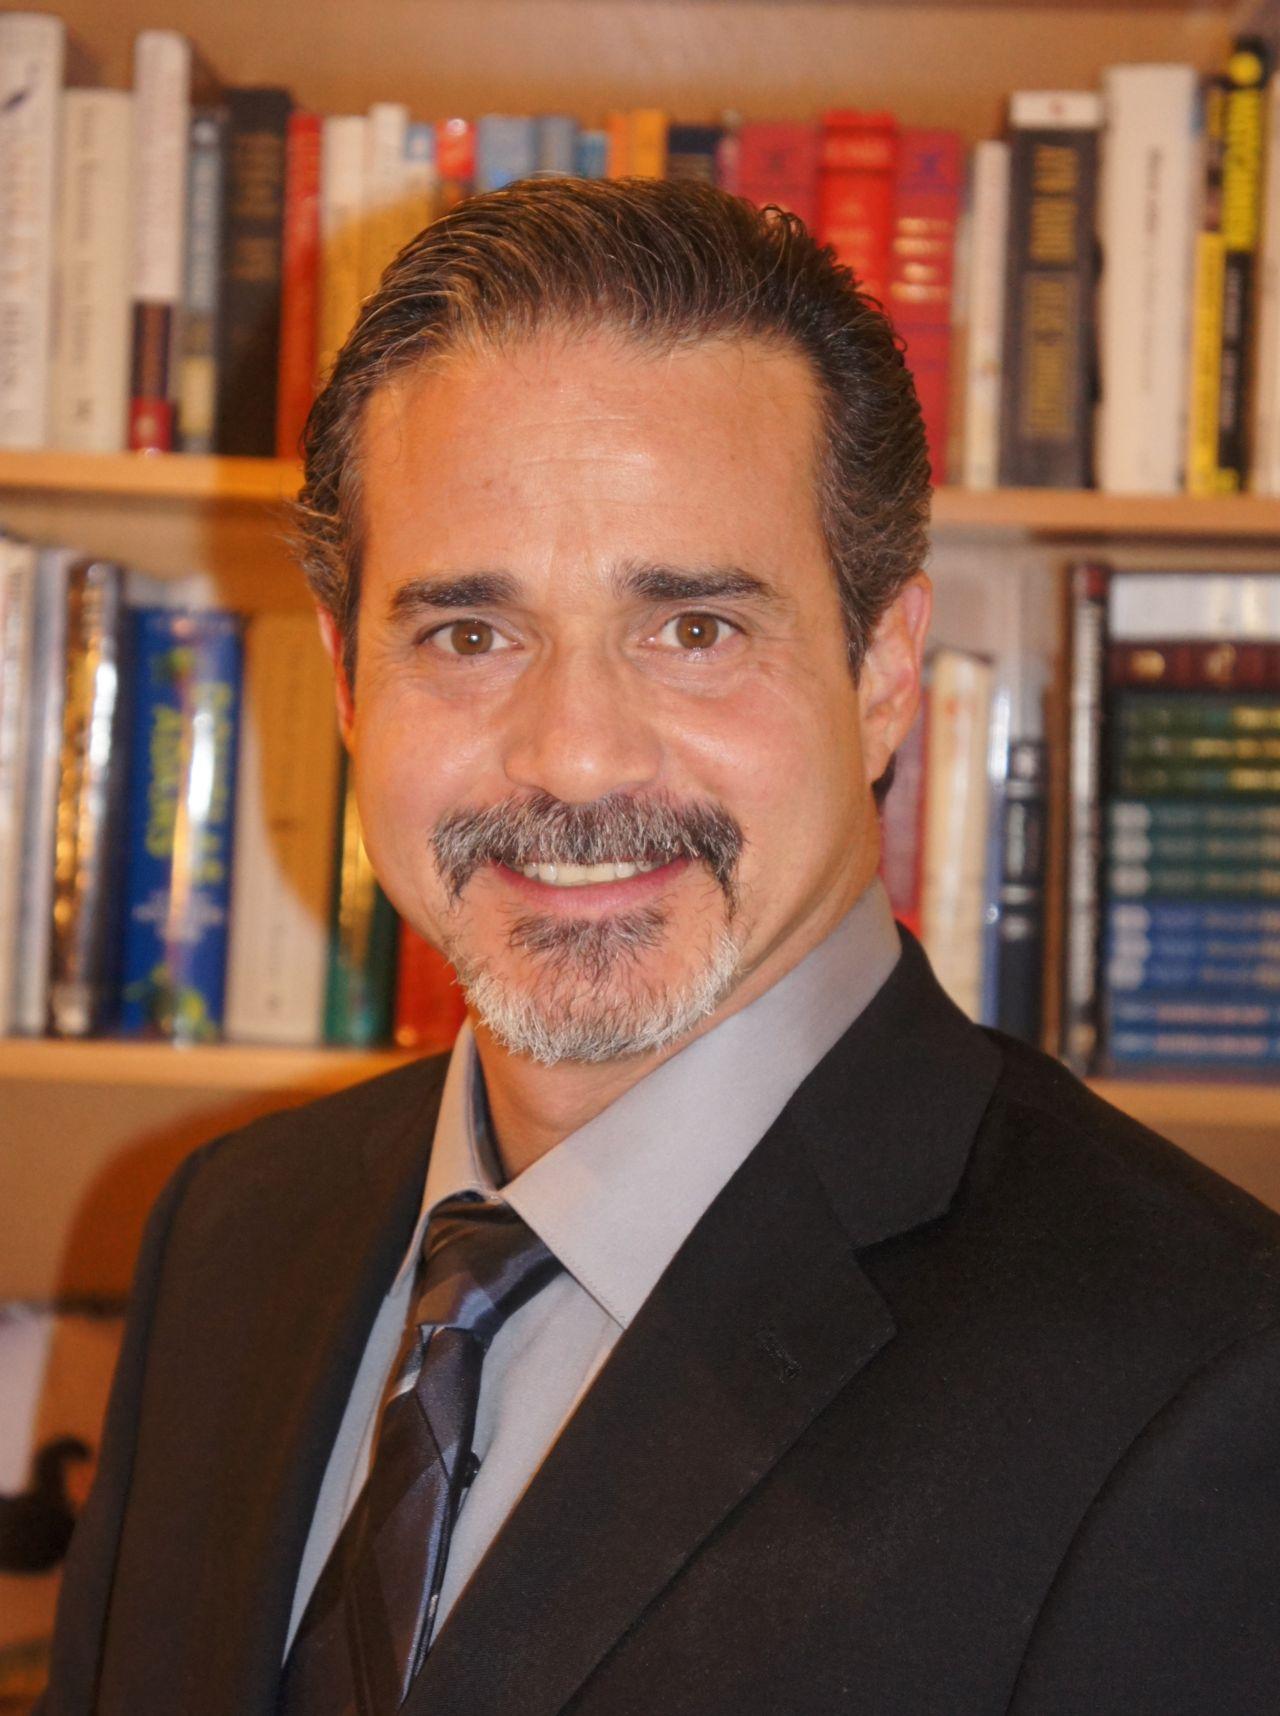 Dr. Noah Levine